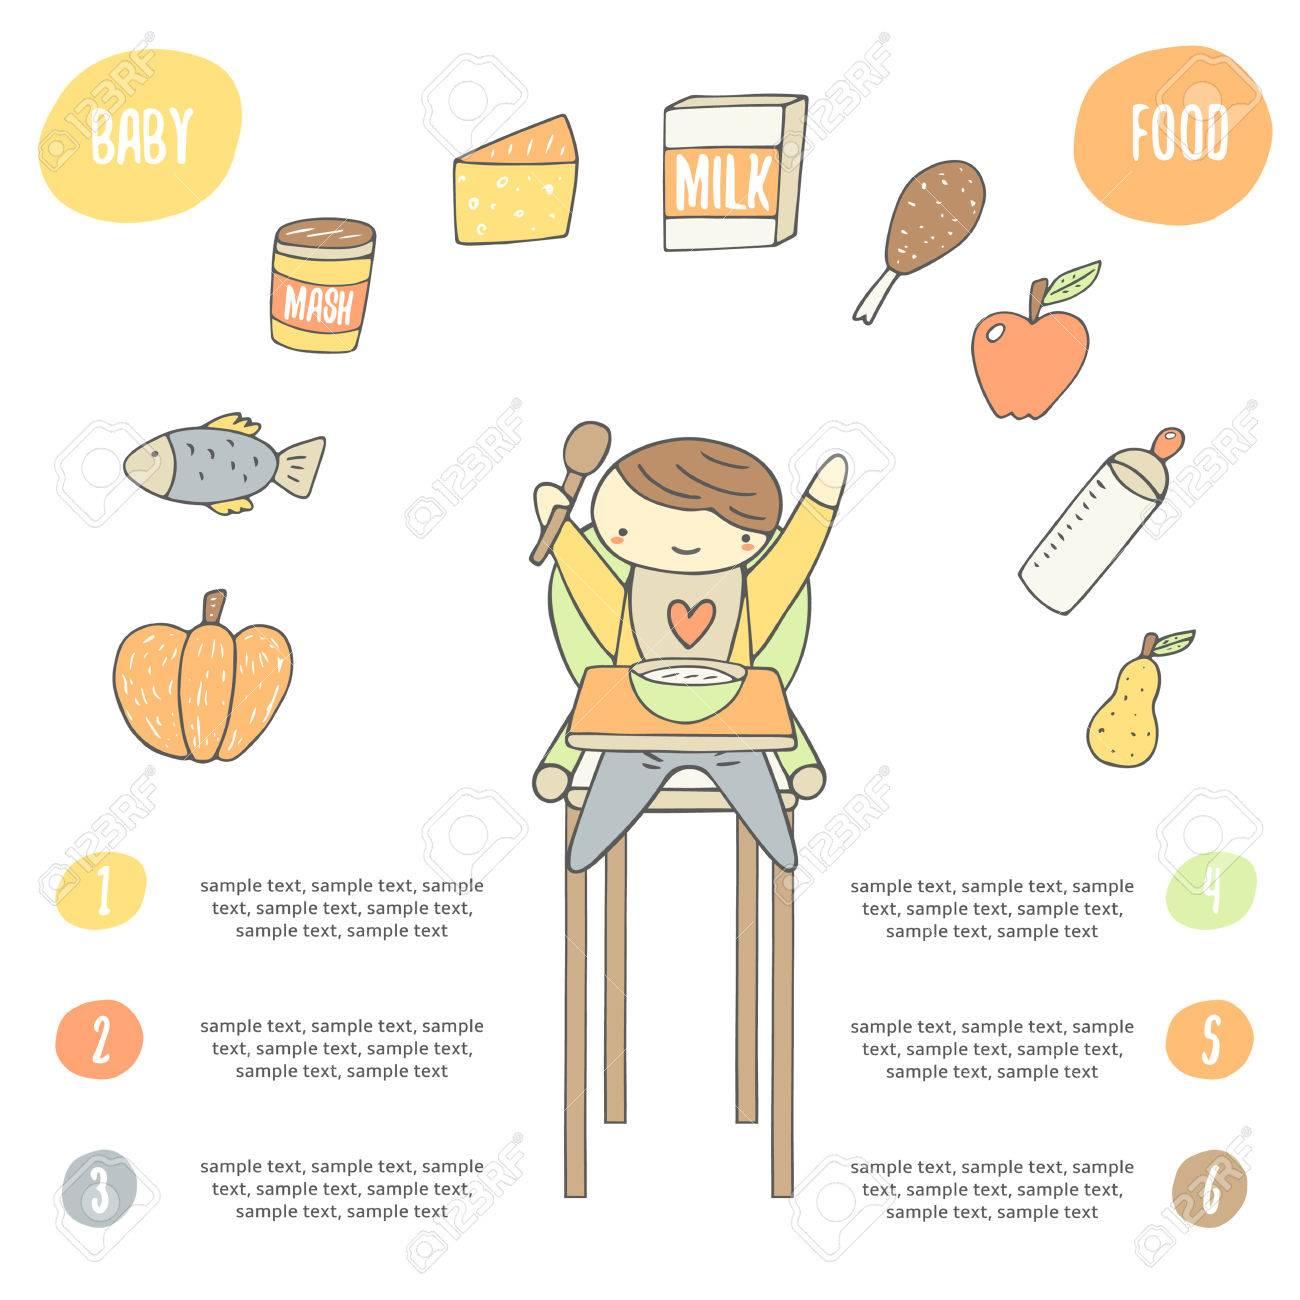 Carte Doodle Dessin La Main Mignonne Affiche Avec Enfant Heureux Dans Chaise De Manger Un Repas Collection Alimentaire Y Compris Citrouille